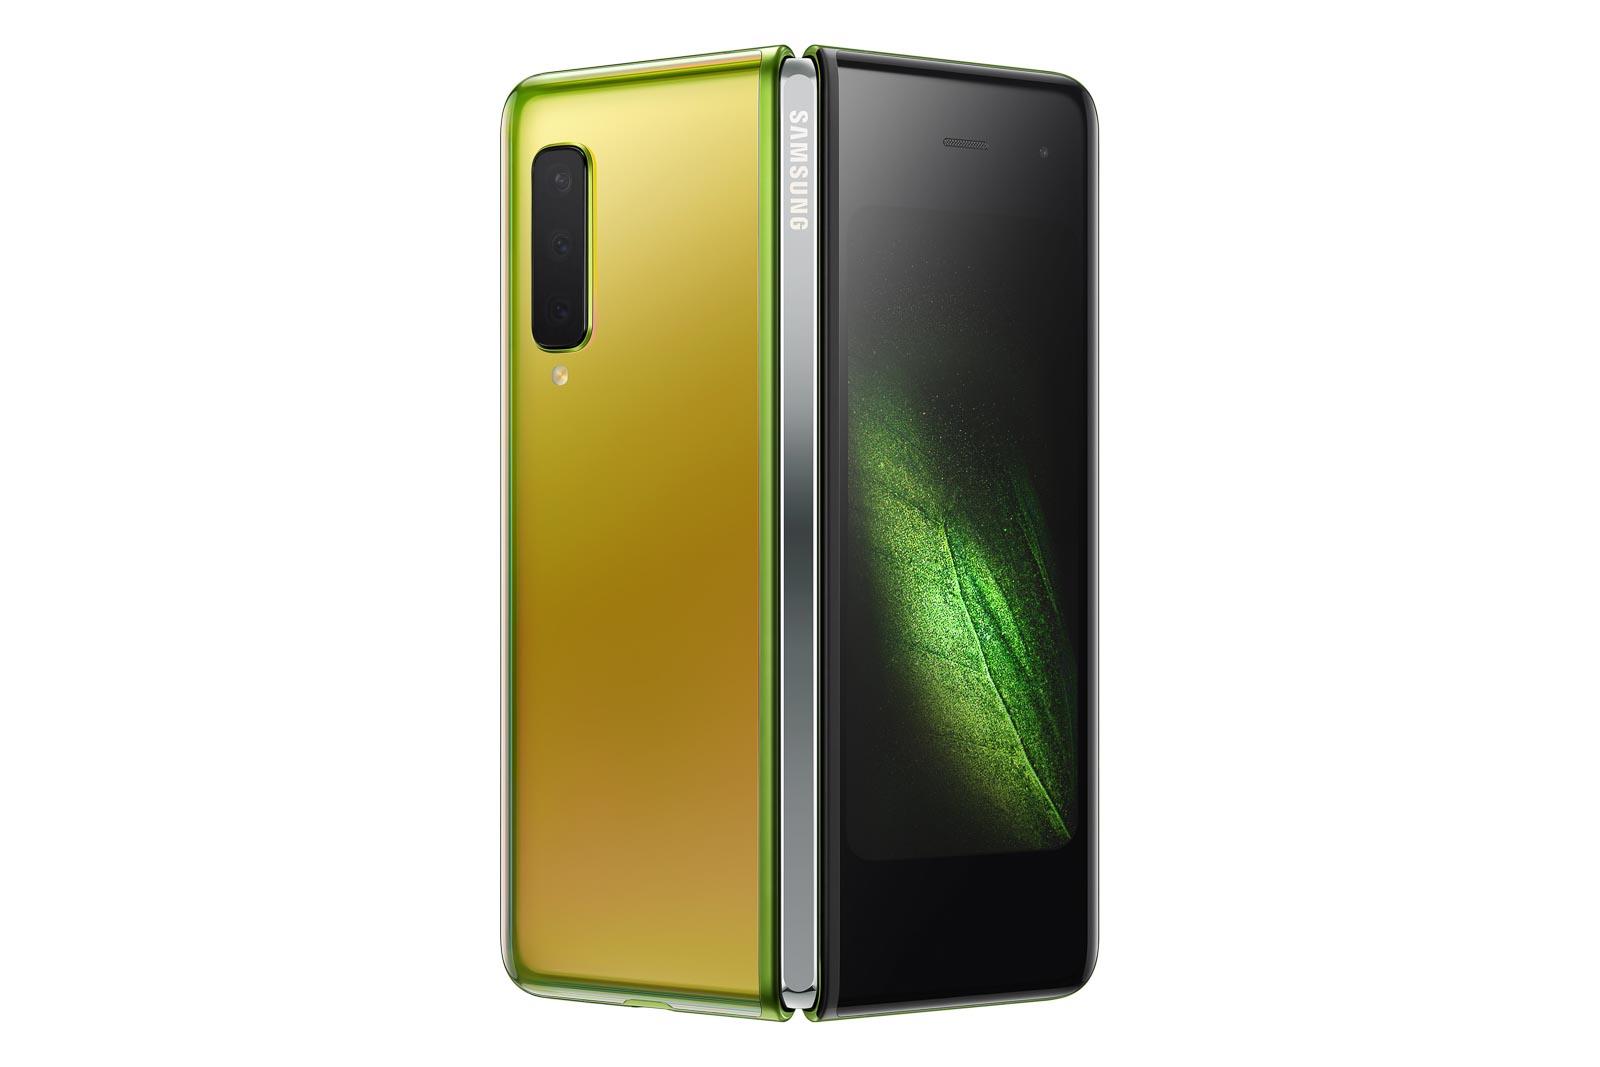 56830 Samsung Z-Fold Smartphone Design Patent Published